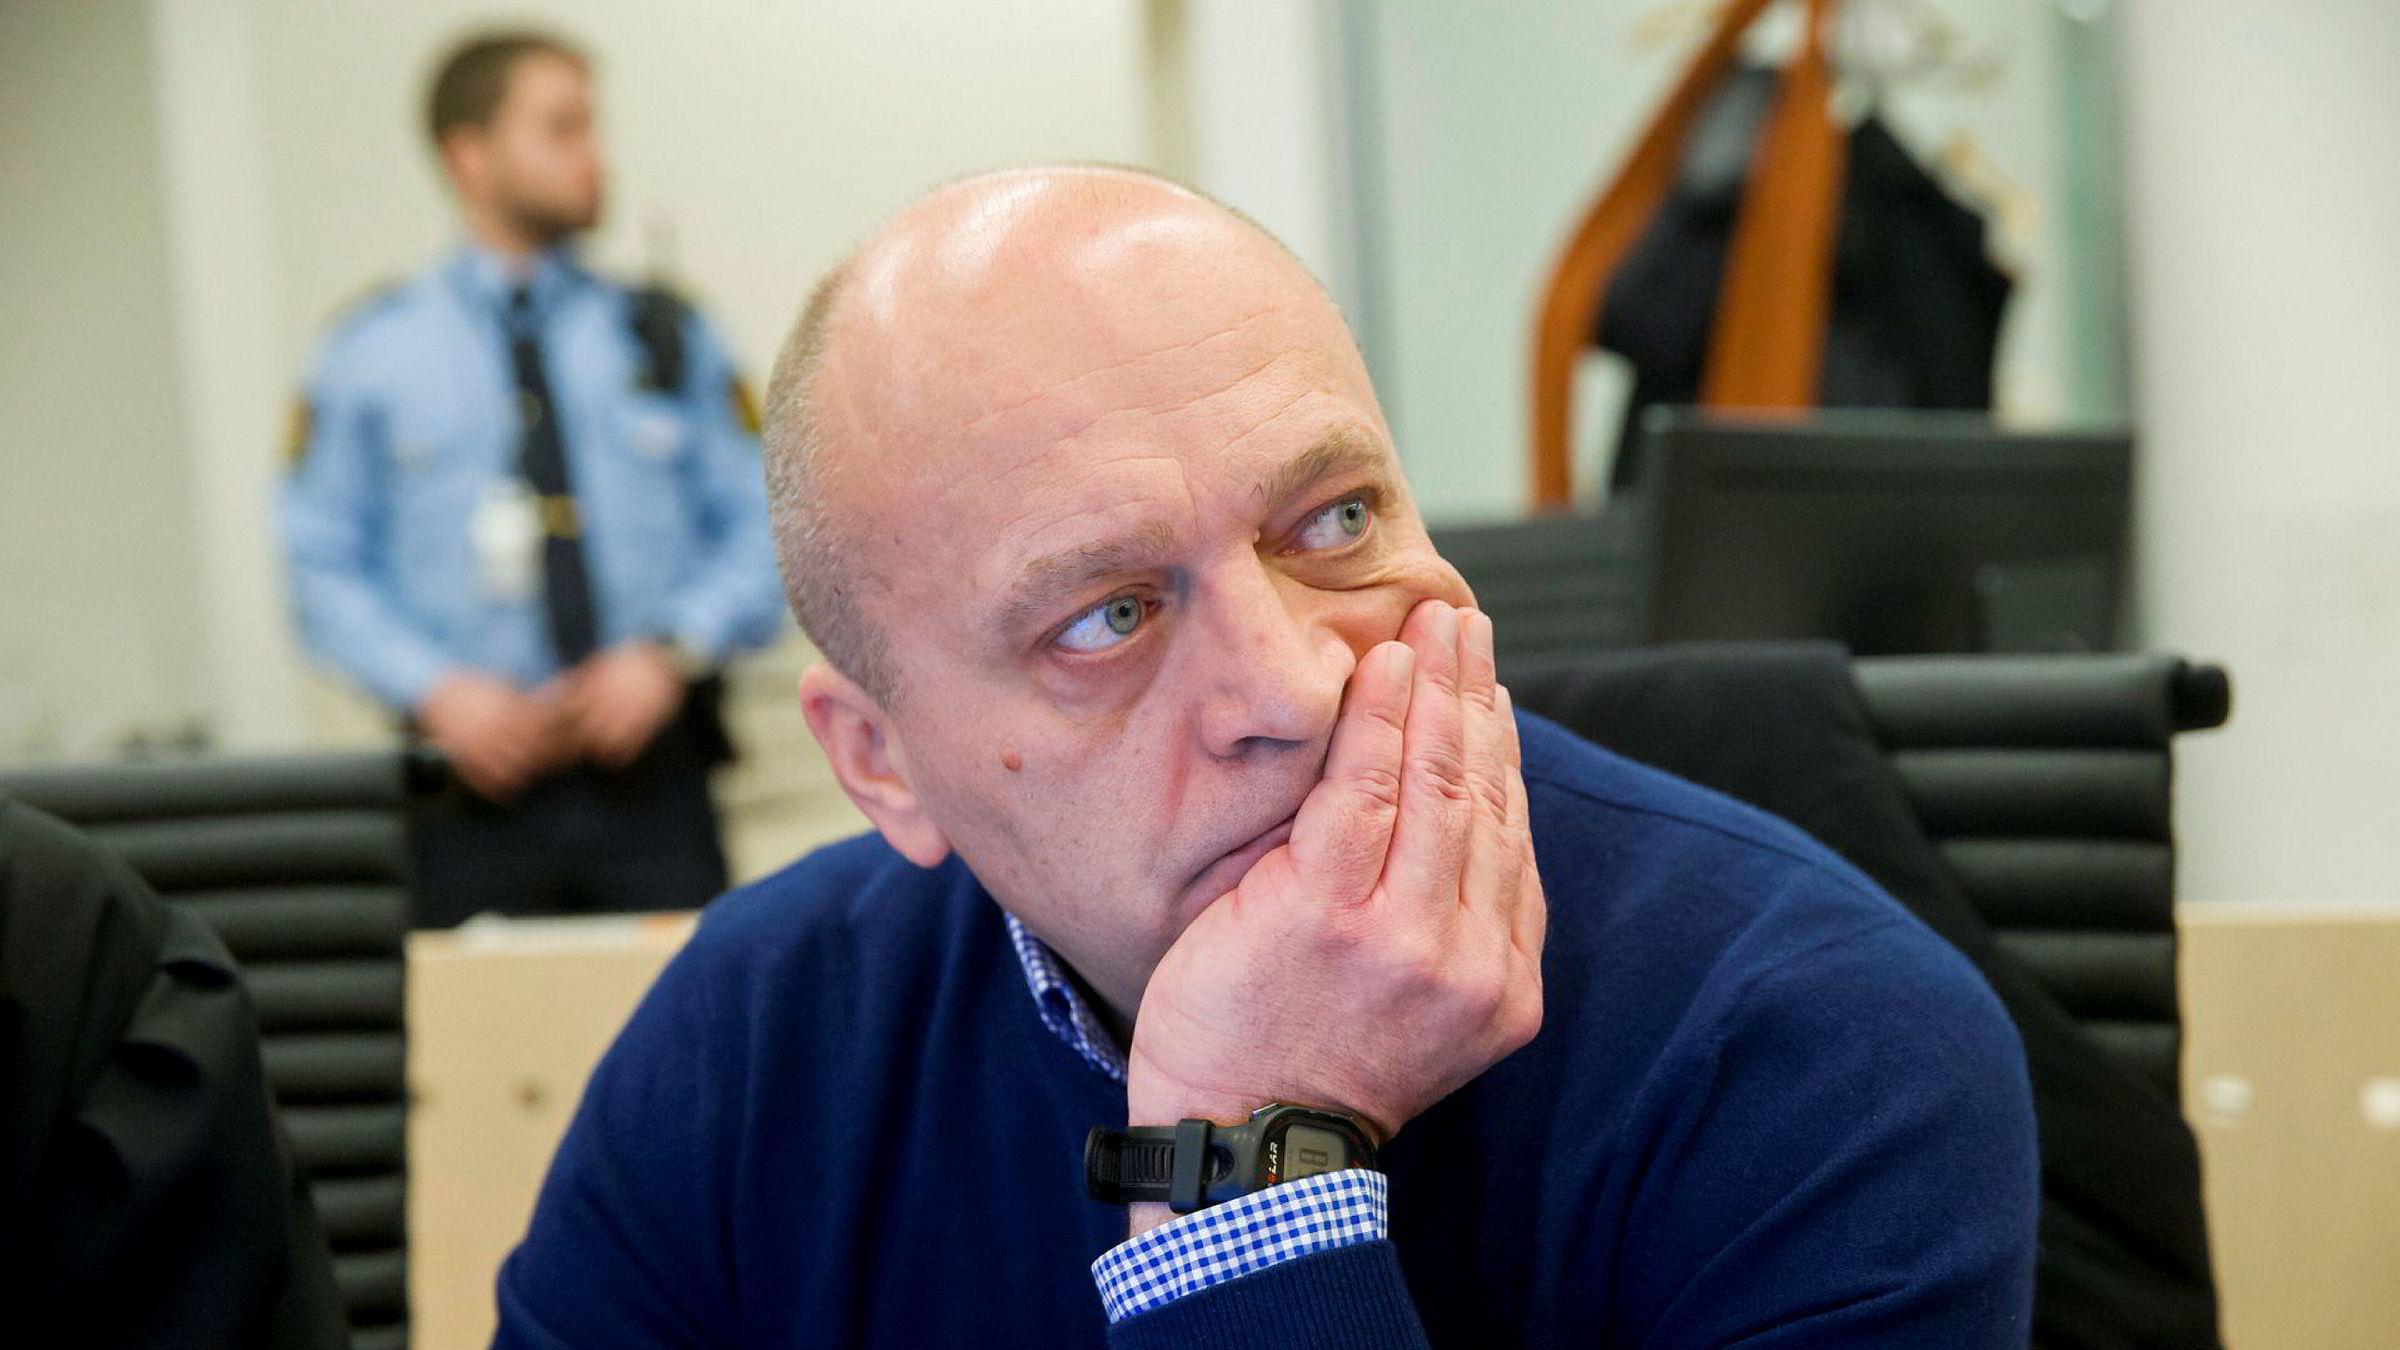 Narkotikatiltalte Gjermund Cappelen (bilde) hevder at den tidligere polititoppen Eirik Jensen fikk betaling for å beskytte ham og hans narkotikatrafikk.